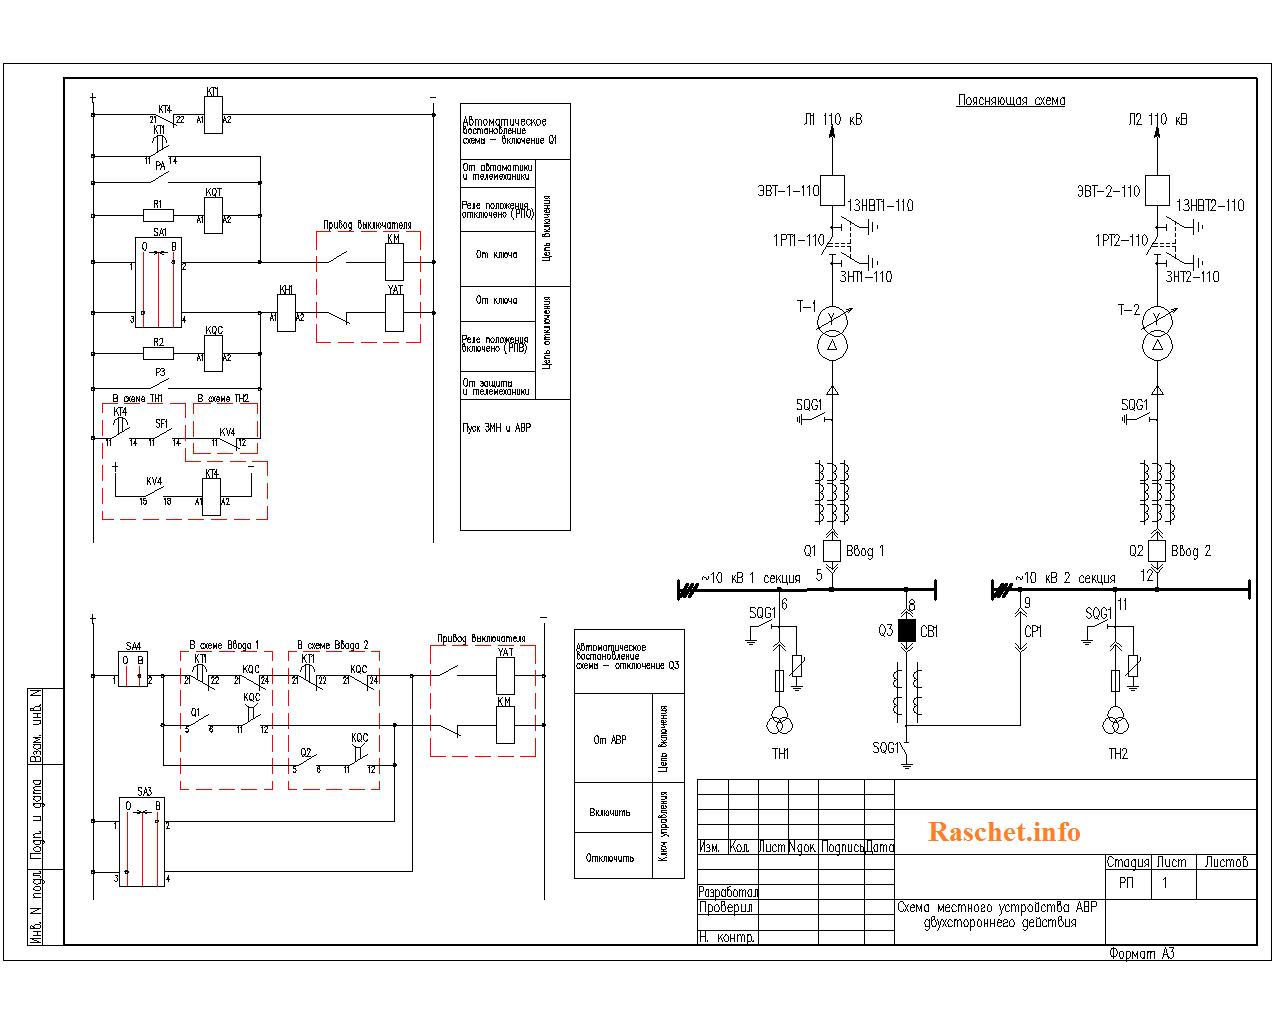 Схема местного устройства АВР двухстороннего действия на секционном выключателе 6 (10) кВ